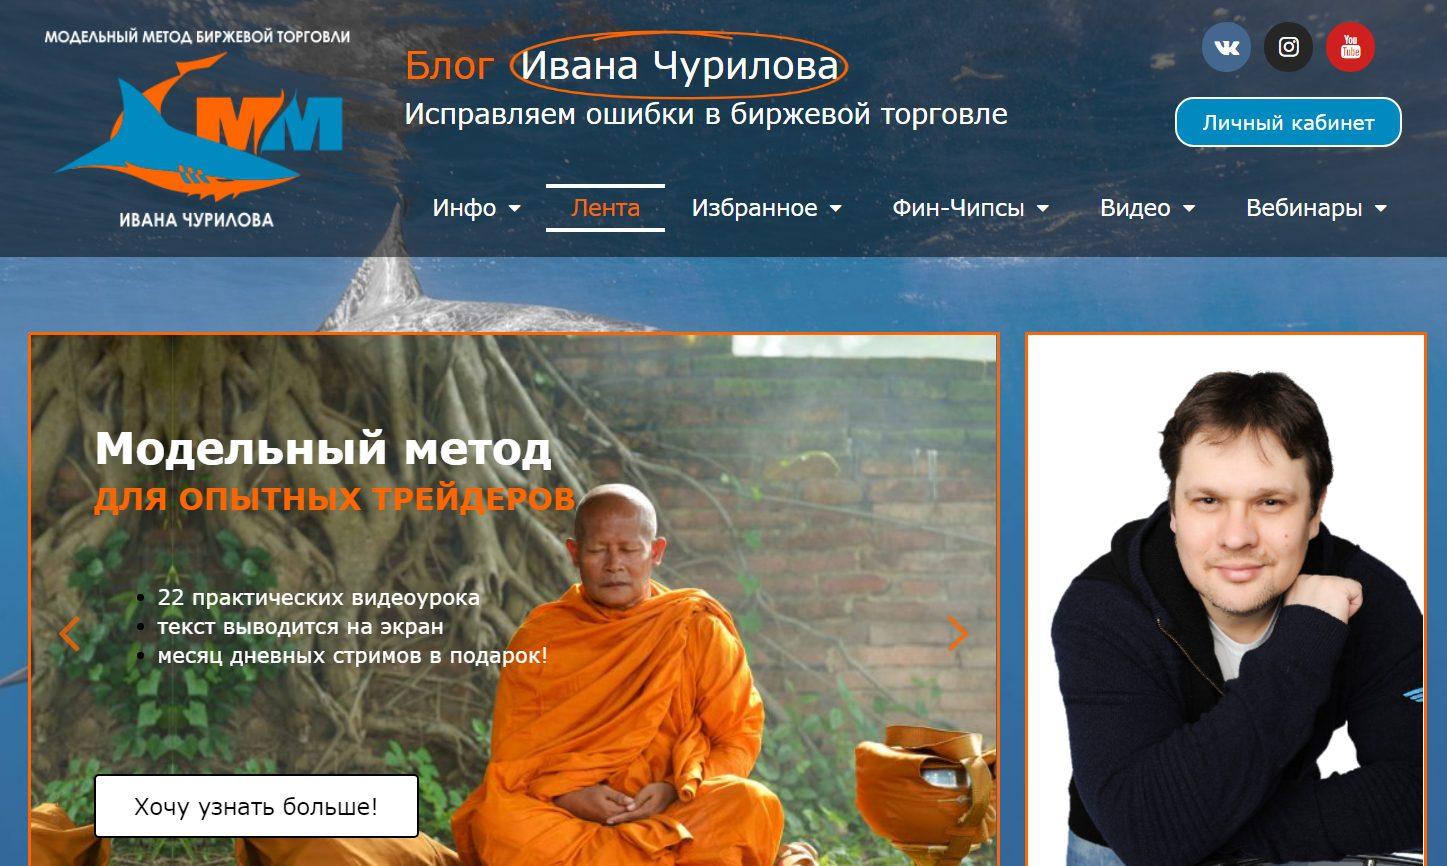 Блог Ивана Чурилова